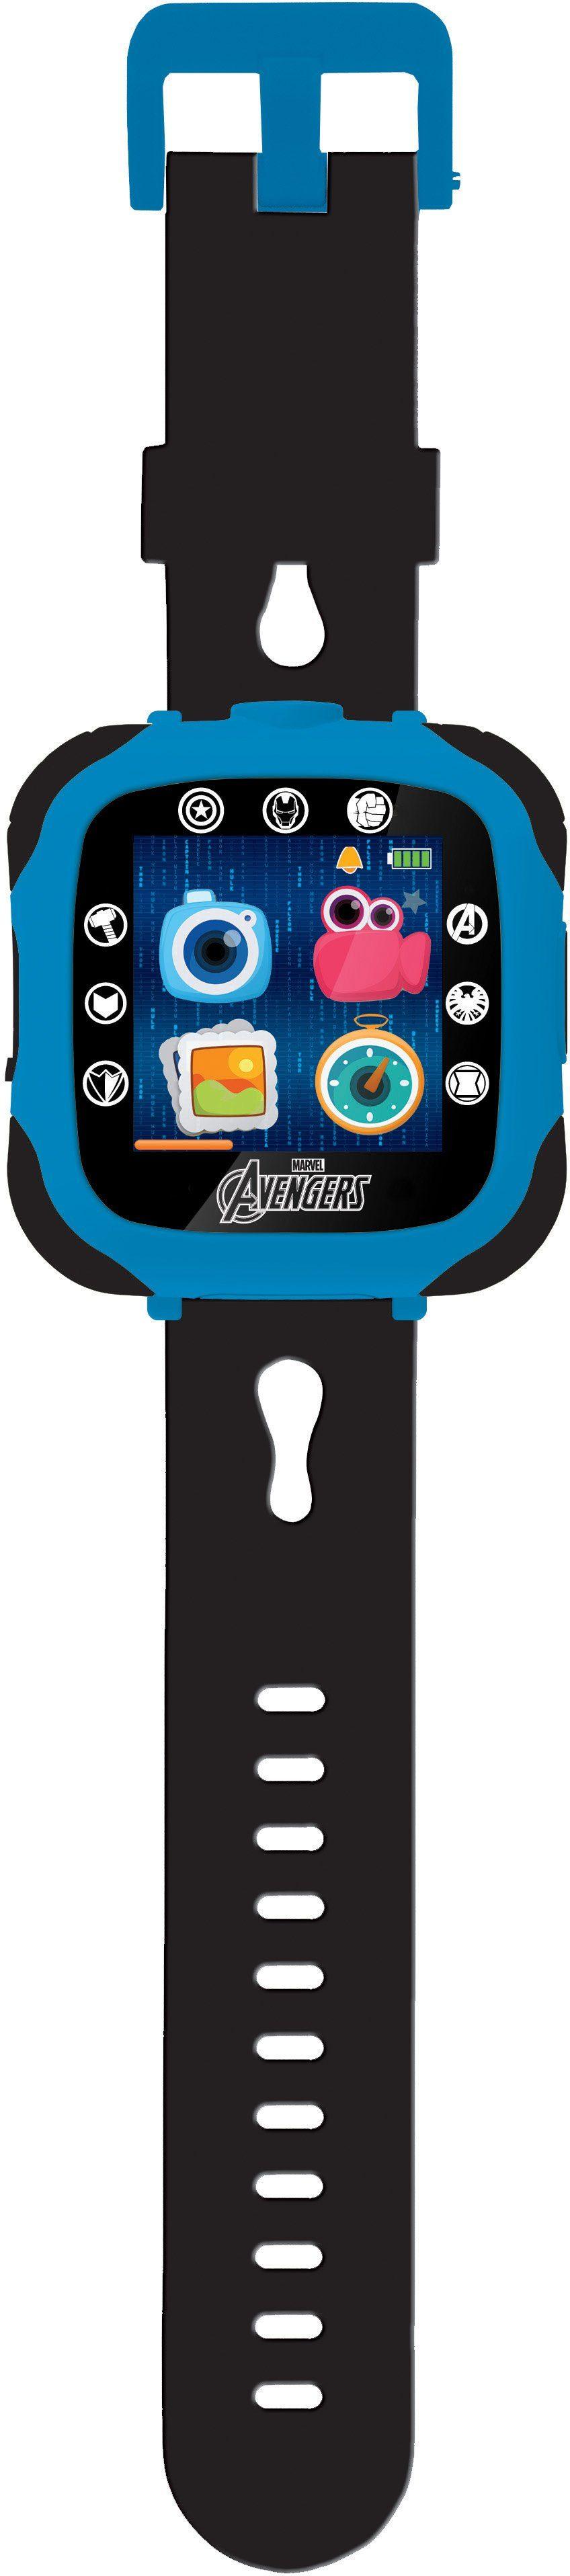 Lexibook, Kamera Uhr, »Avengers«